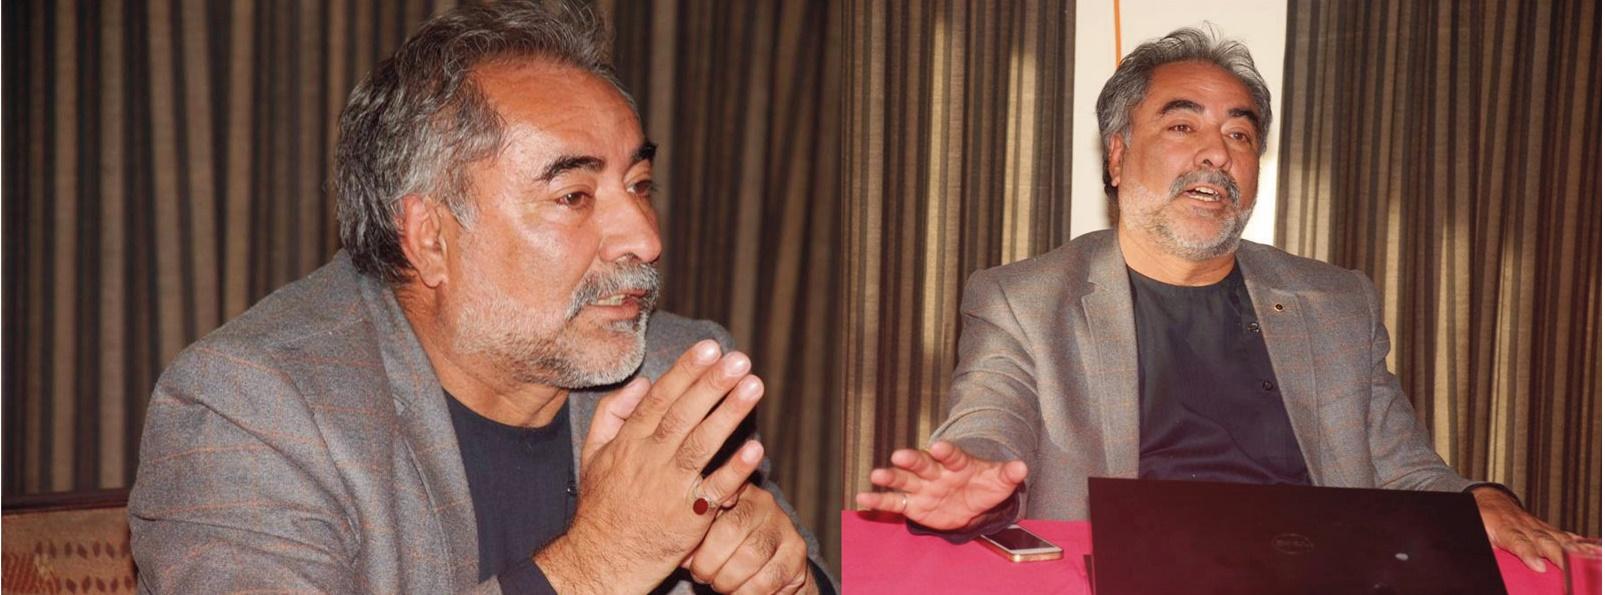 چائینا پاکستان اقتصادی راہداری ایک عظیم منصوبہ ہے، کامیابی کے لئے شفافیت اور اعتمادسازی لازمی ہے، عمران ندیم شگری